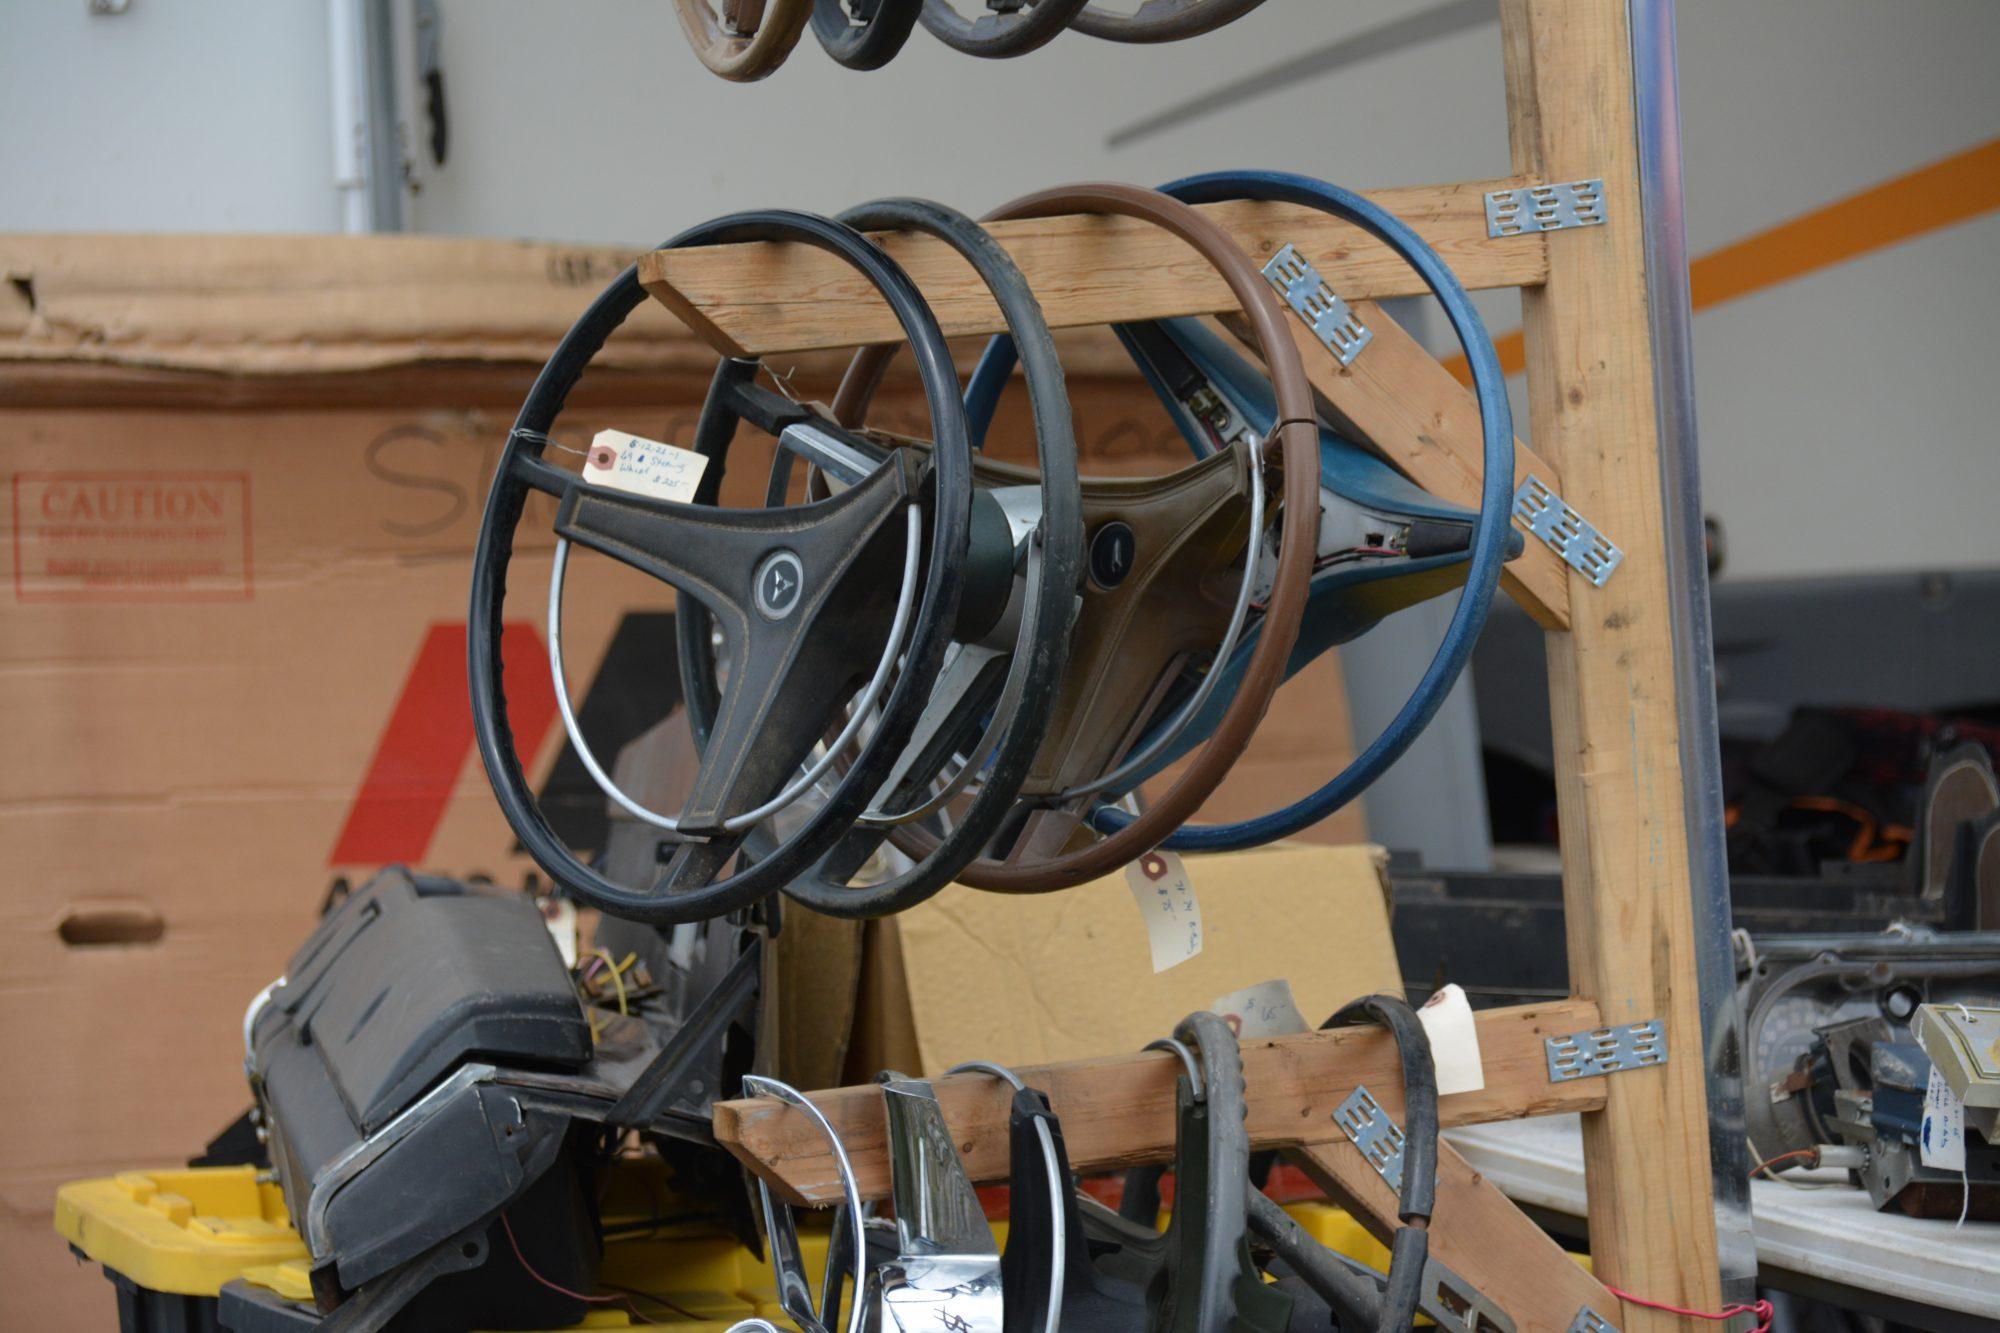 Steering wheels hanging on a rack